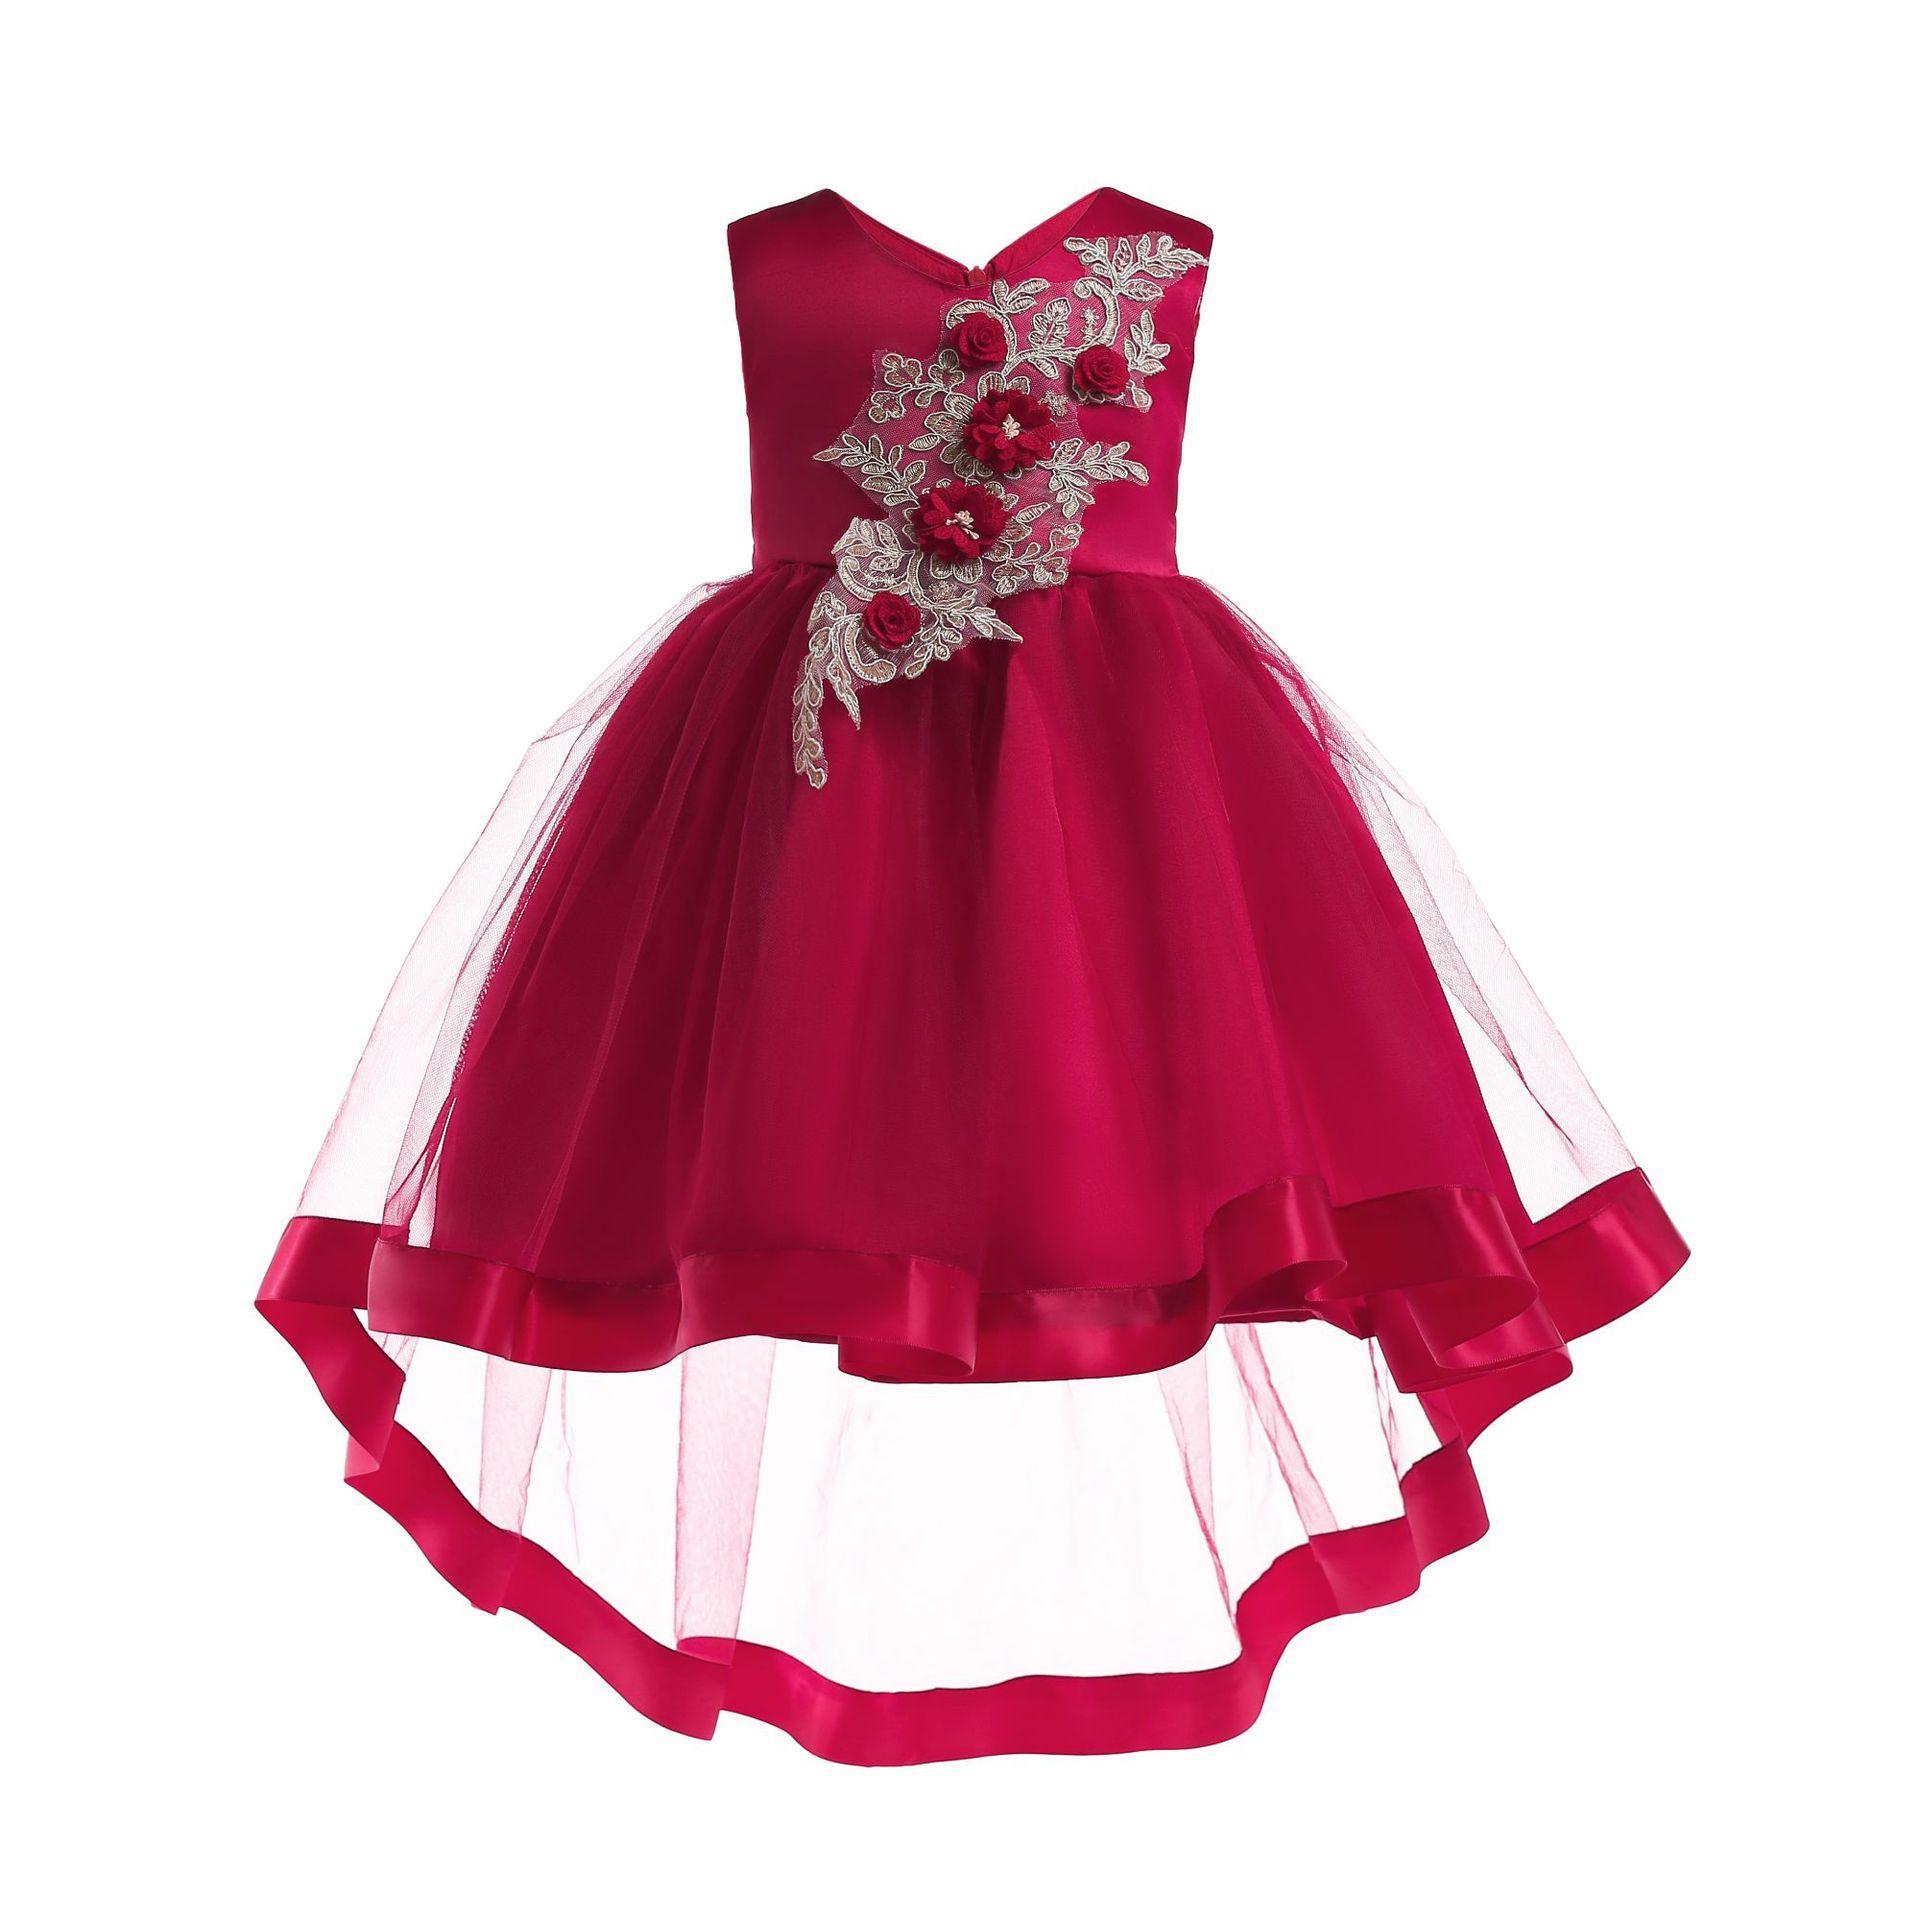 Meninas vestidos elegantes ano novo vestidos de princesa das crianças partido meninas miúdos bordado V-neck smoking vestidos